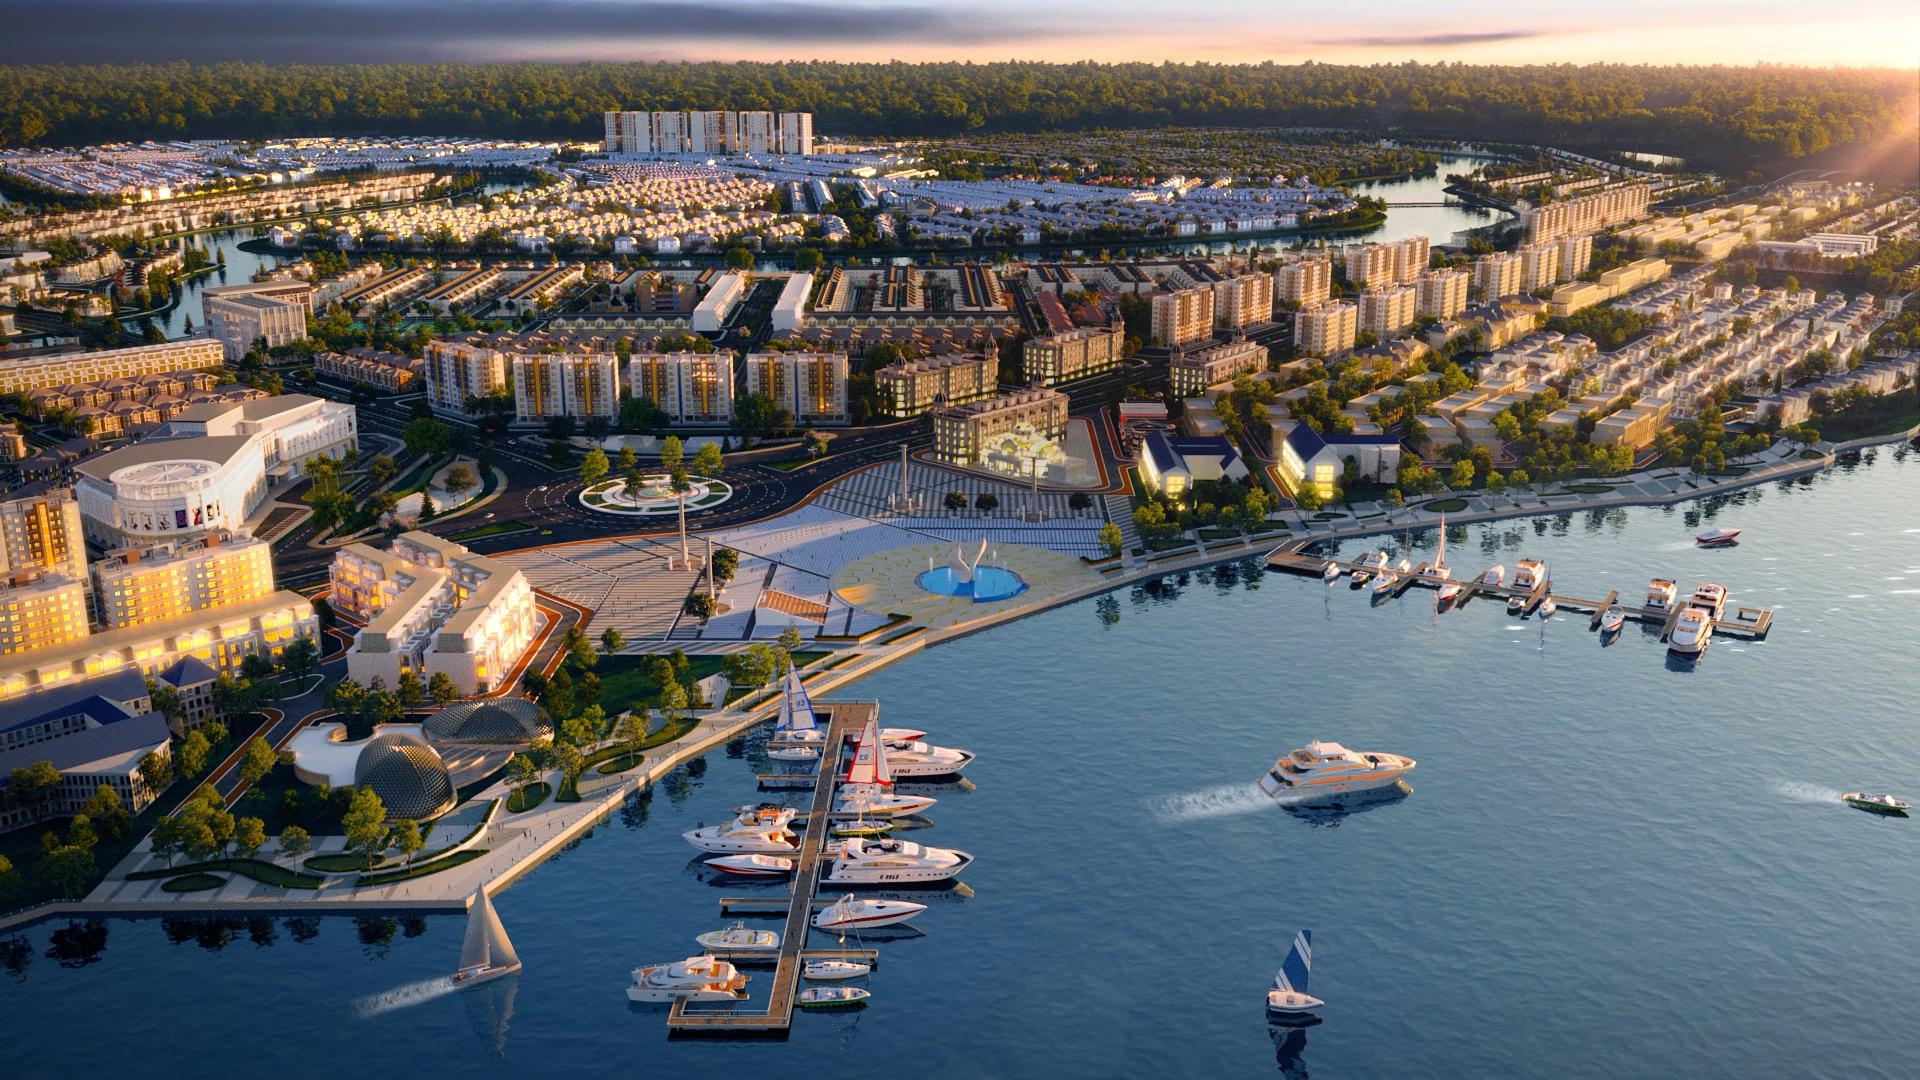 Aqua City tạo sức hút với Anh Thơ bởi không gian sống sinh thái, hoàn chỉnh tiện ích.